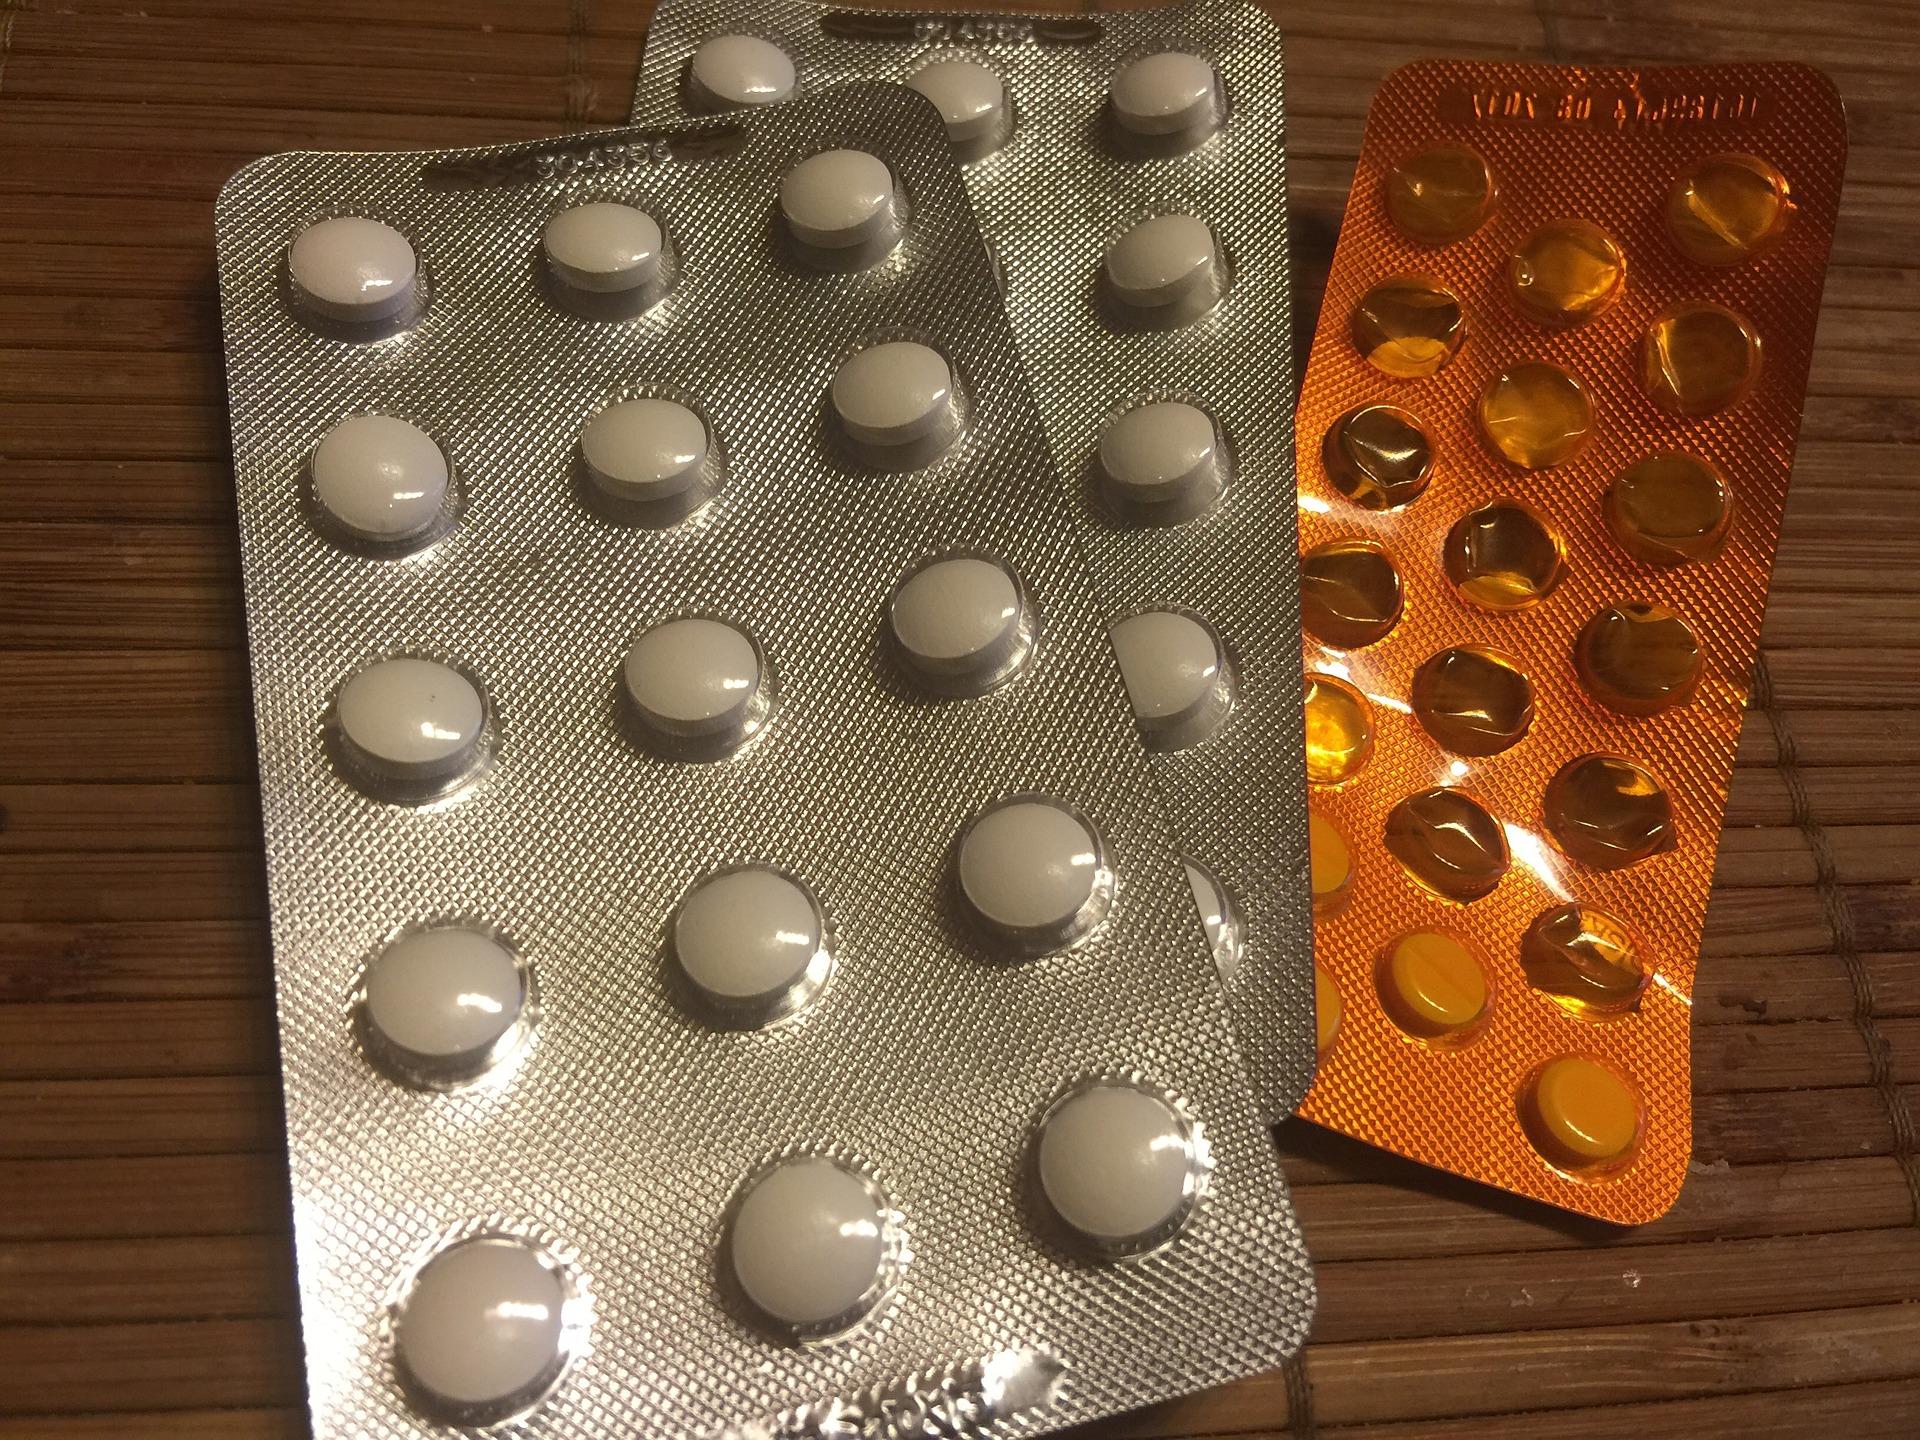 セディール錠(タンドスピロン錠)のパーシャルアゴニストとしての特徴とSSRIとの併用について